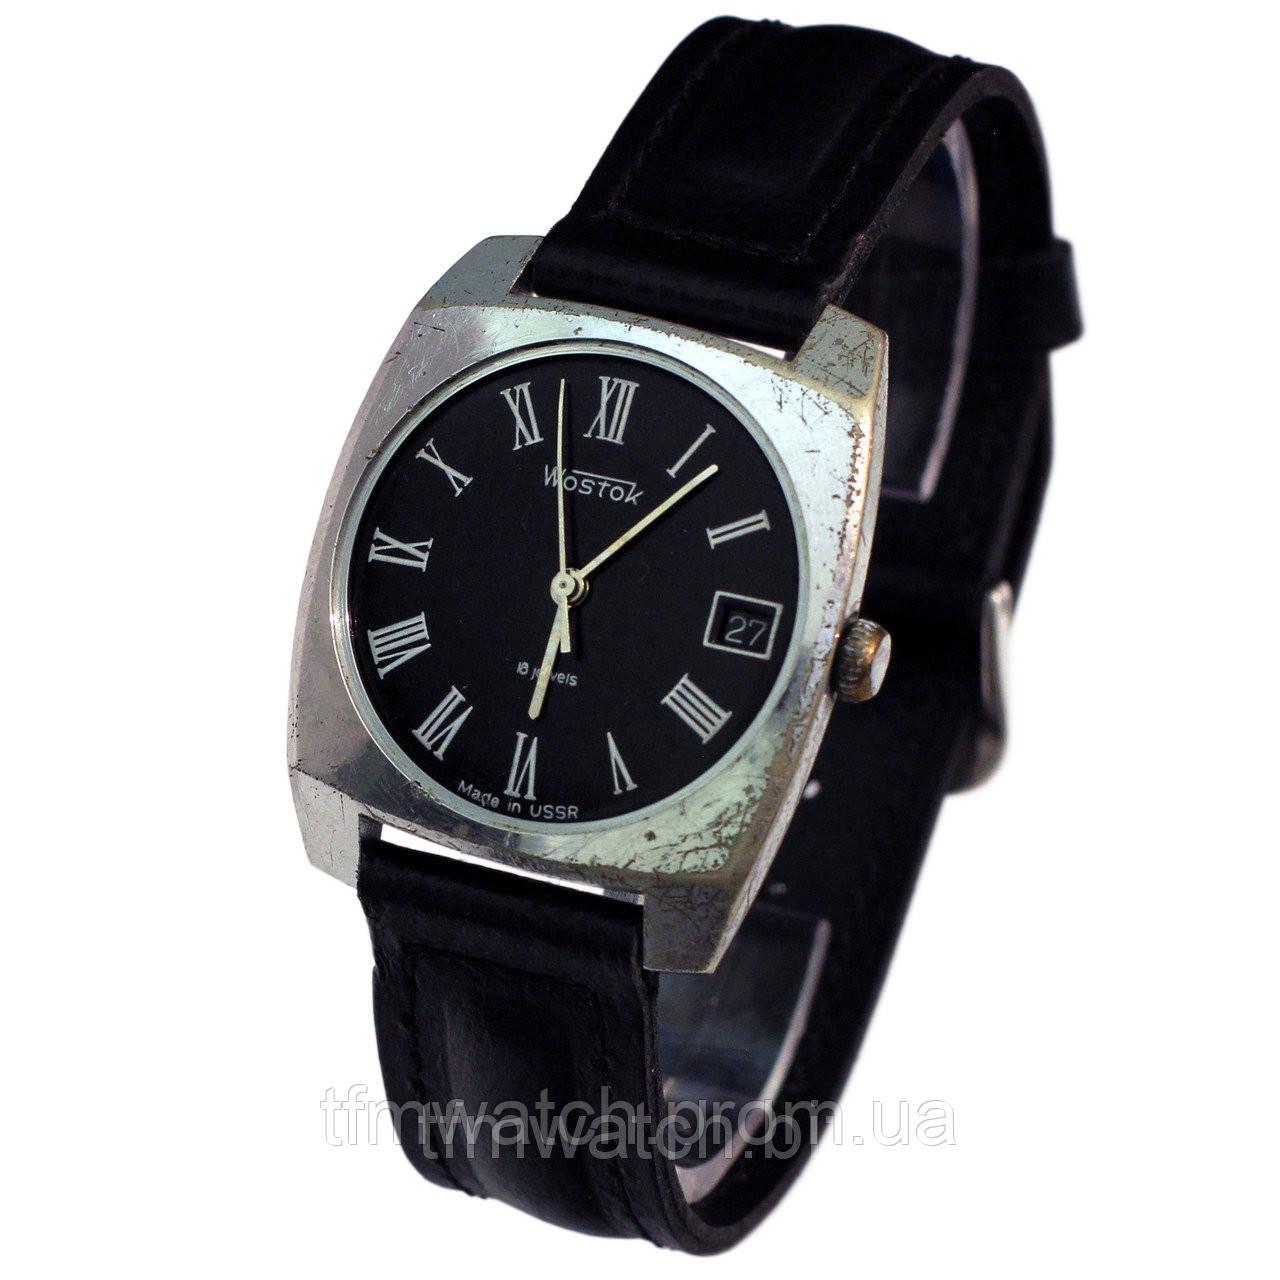 Продать камней часы ссср цена 18 восток часов в екатеринбурге ломбарды